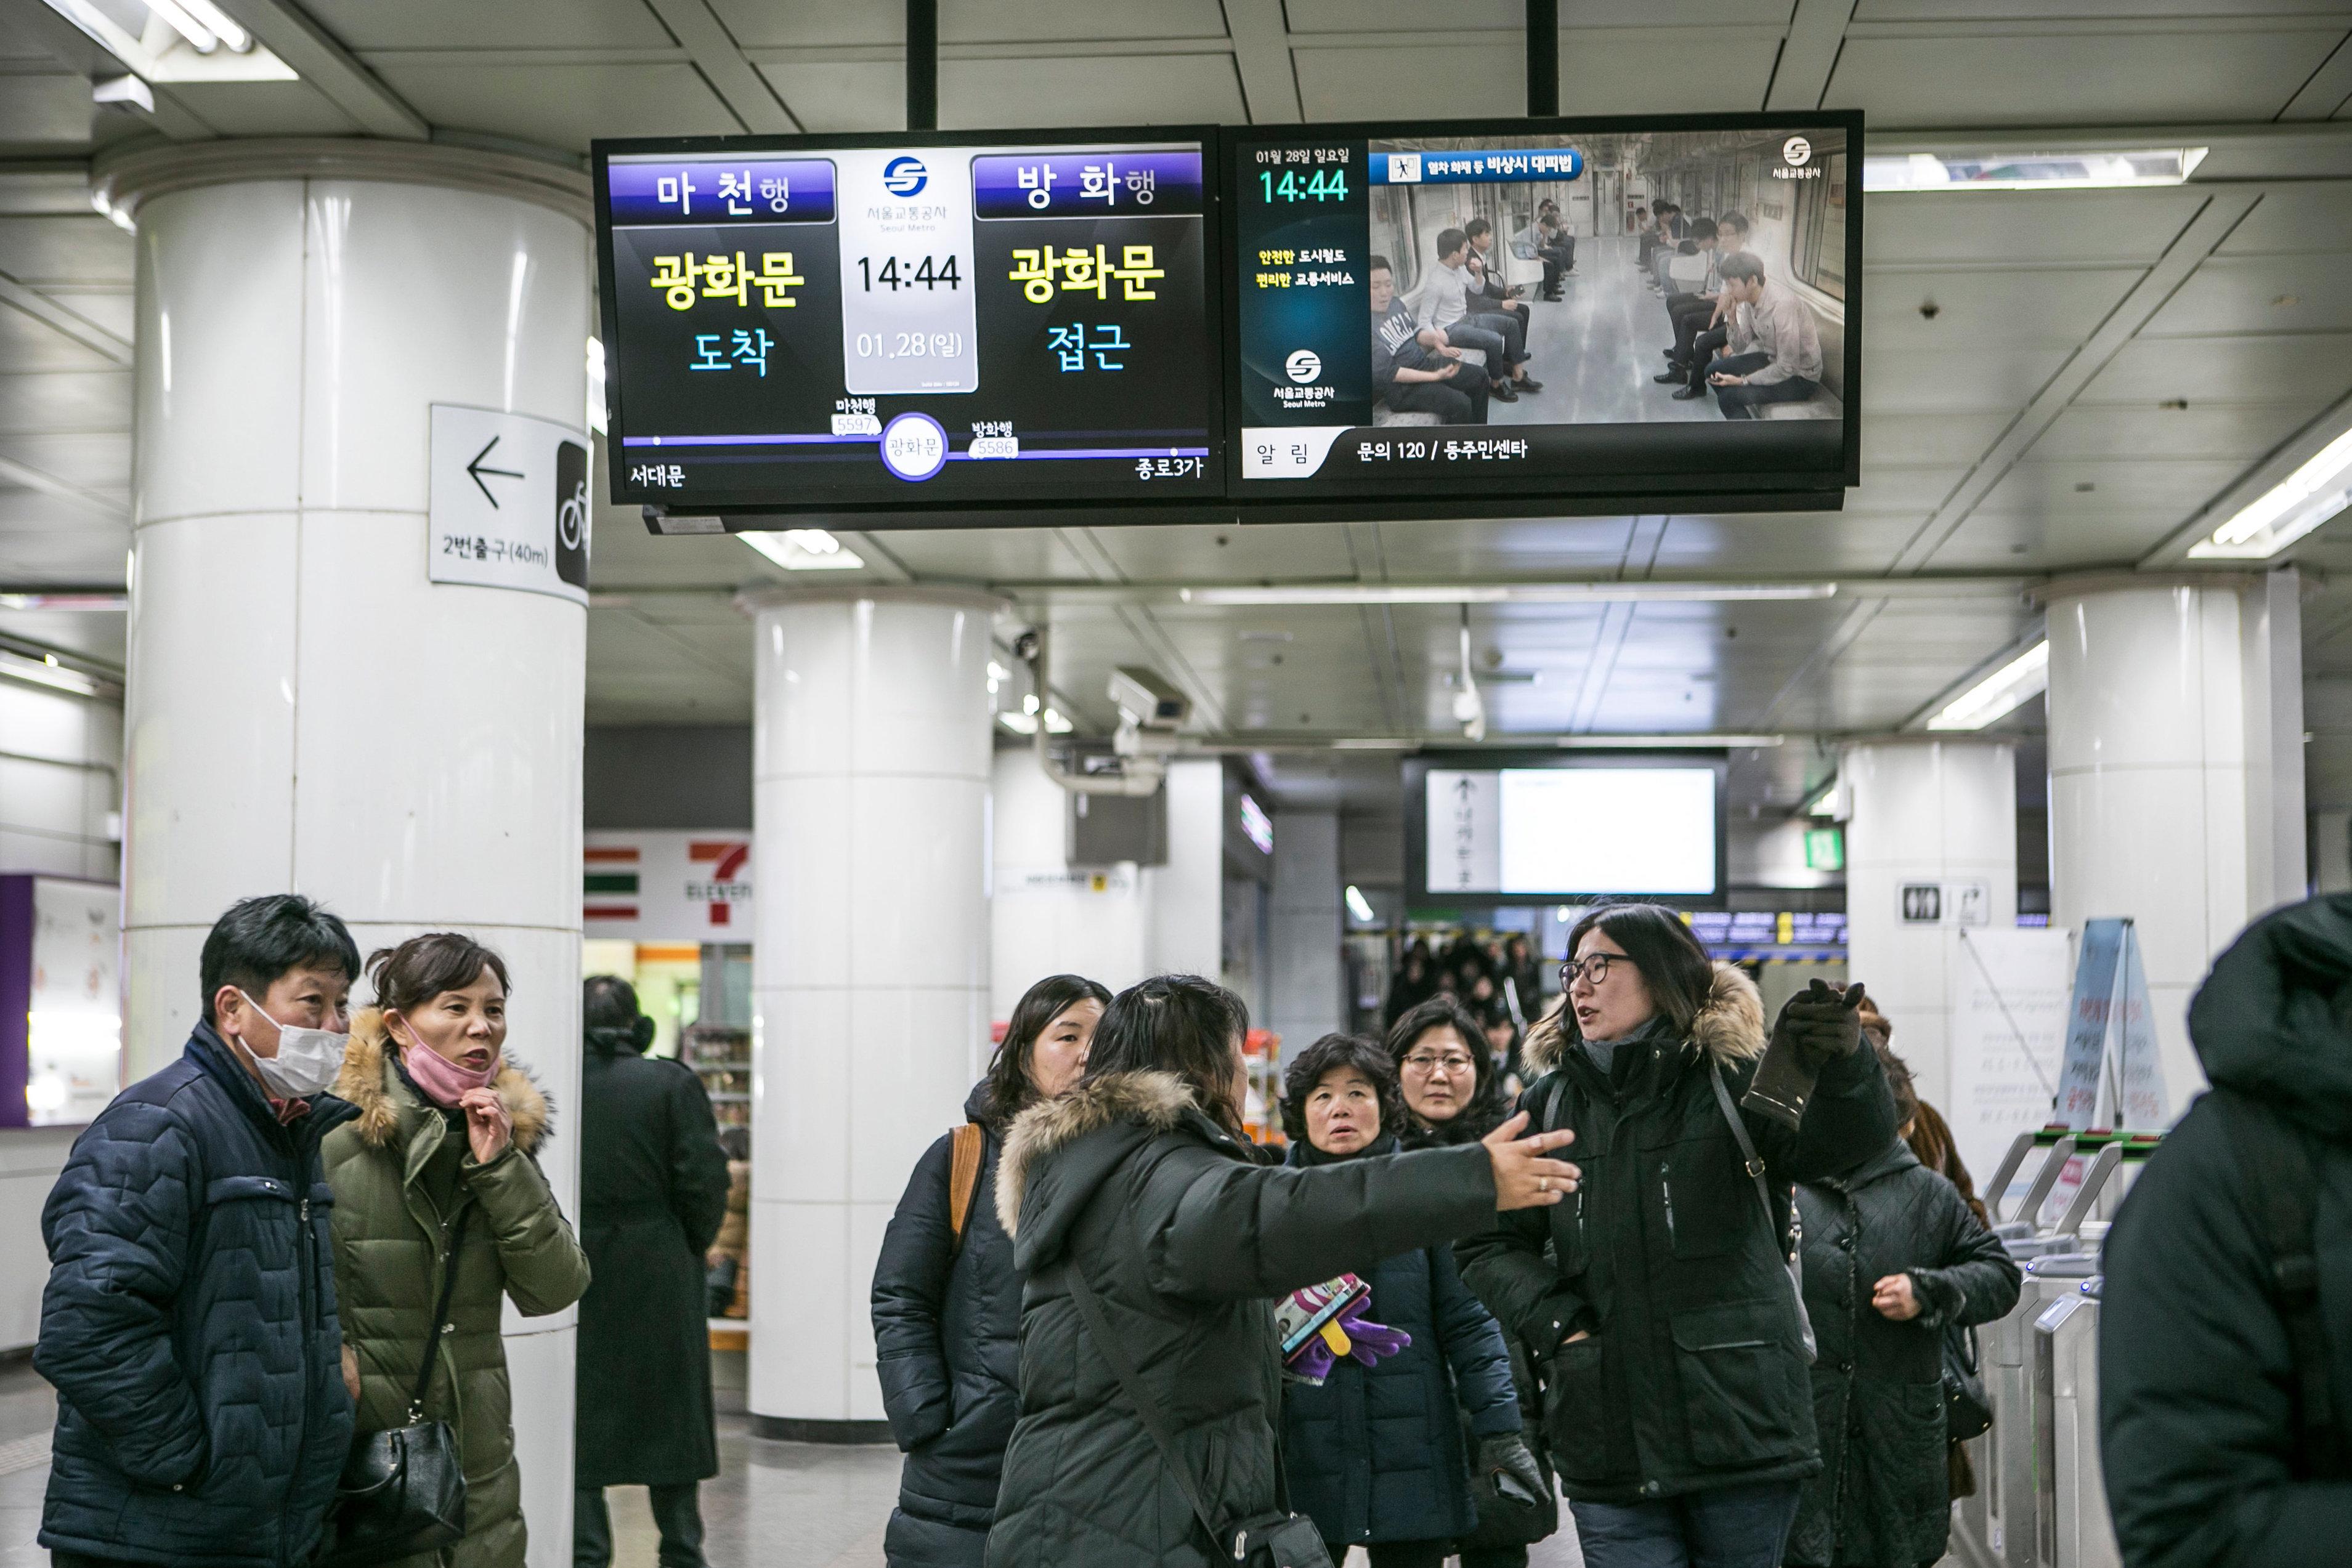 '서울 지하철역 10여 곳을 폭파하겠다'는 협박 전화가 걸려온